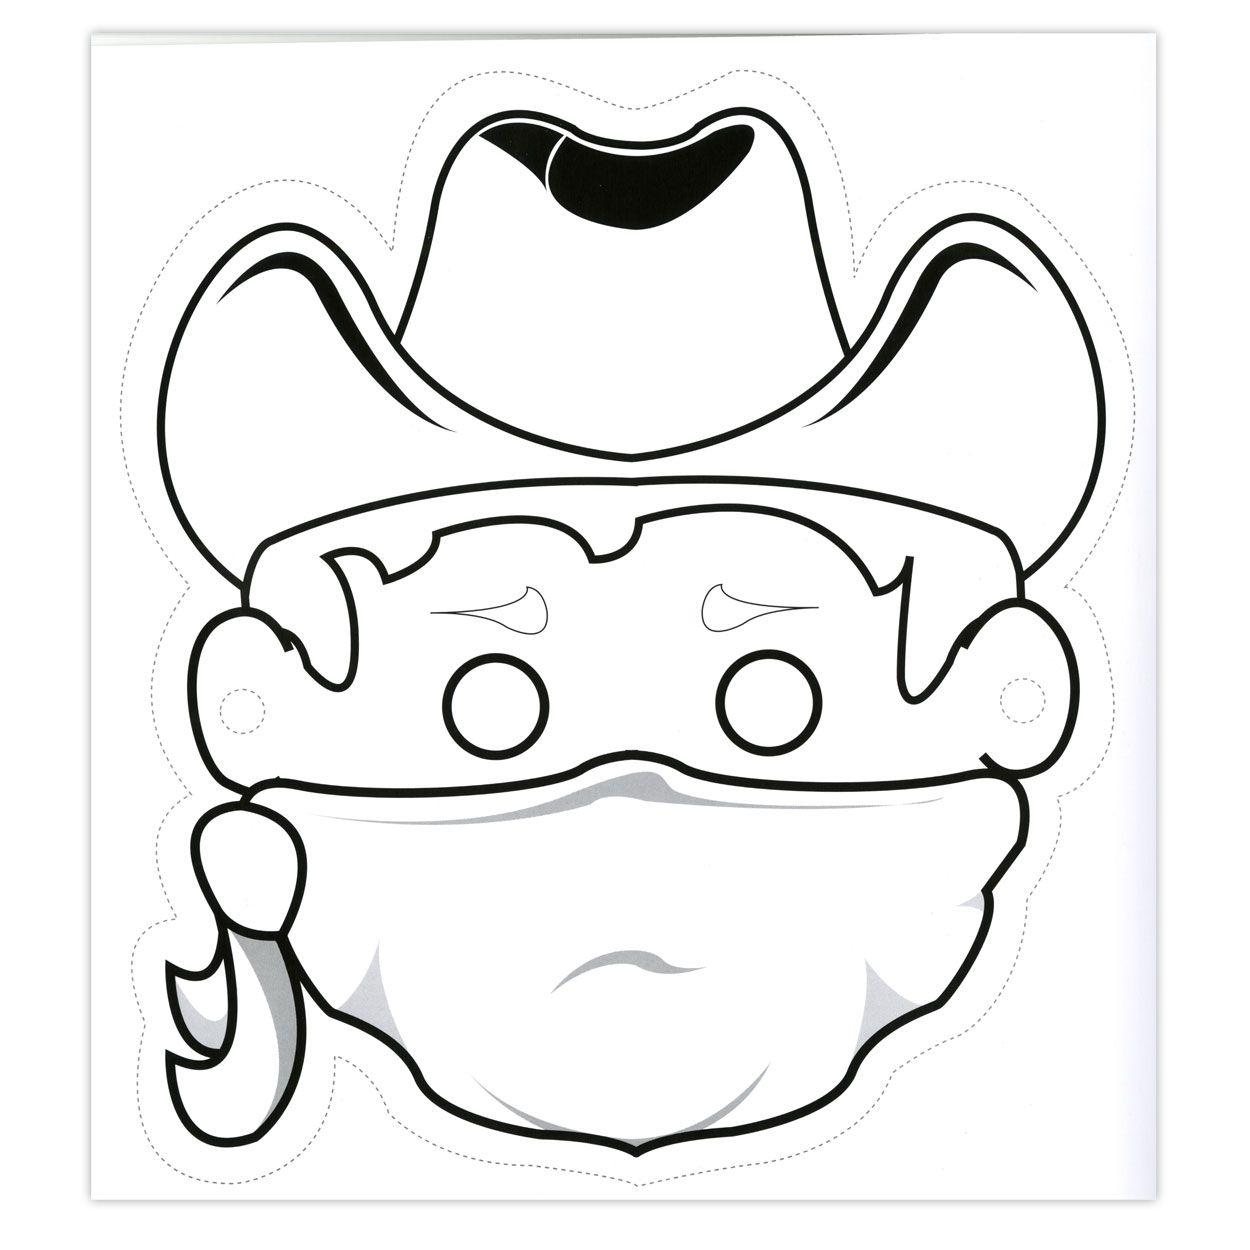 Masque De Cowboy À Imprimer, Décorer Et Découper | Masque concernant Masque Canard À Imprimer